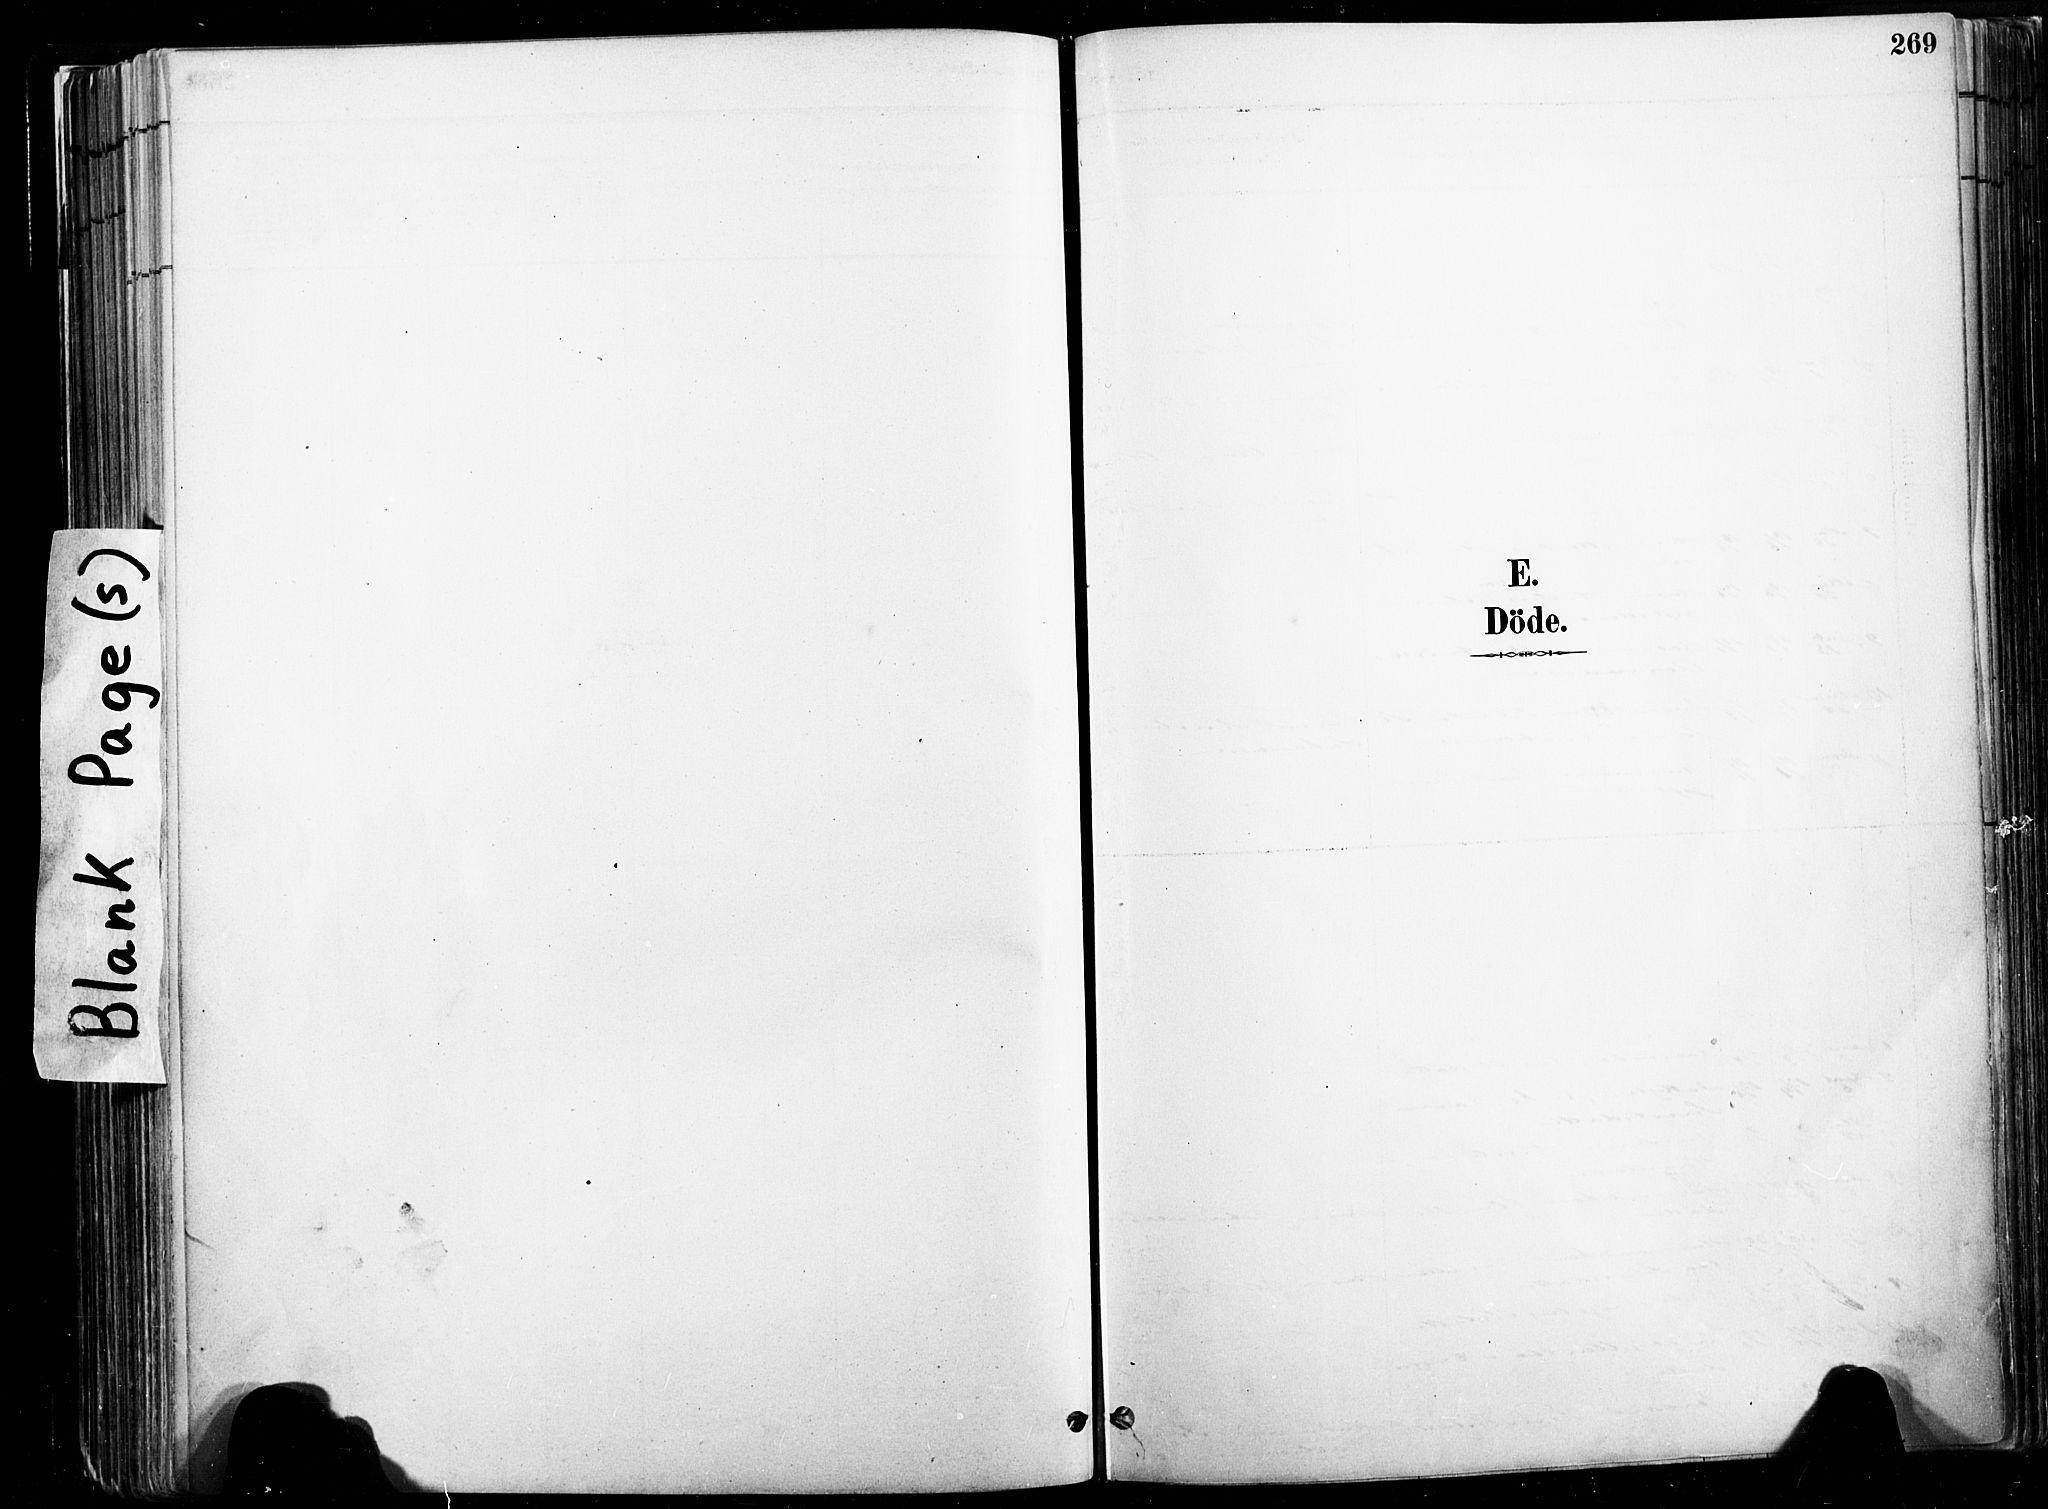 SAT, Ministerialprotokoller, klokkerbøker og fødselsregistre - Nord-Trøndelag, 735/L0351: Ministerialbok nr. 735A10, 1884-1908, s. 269